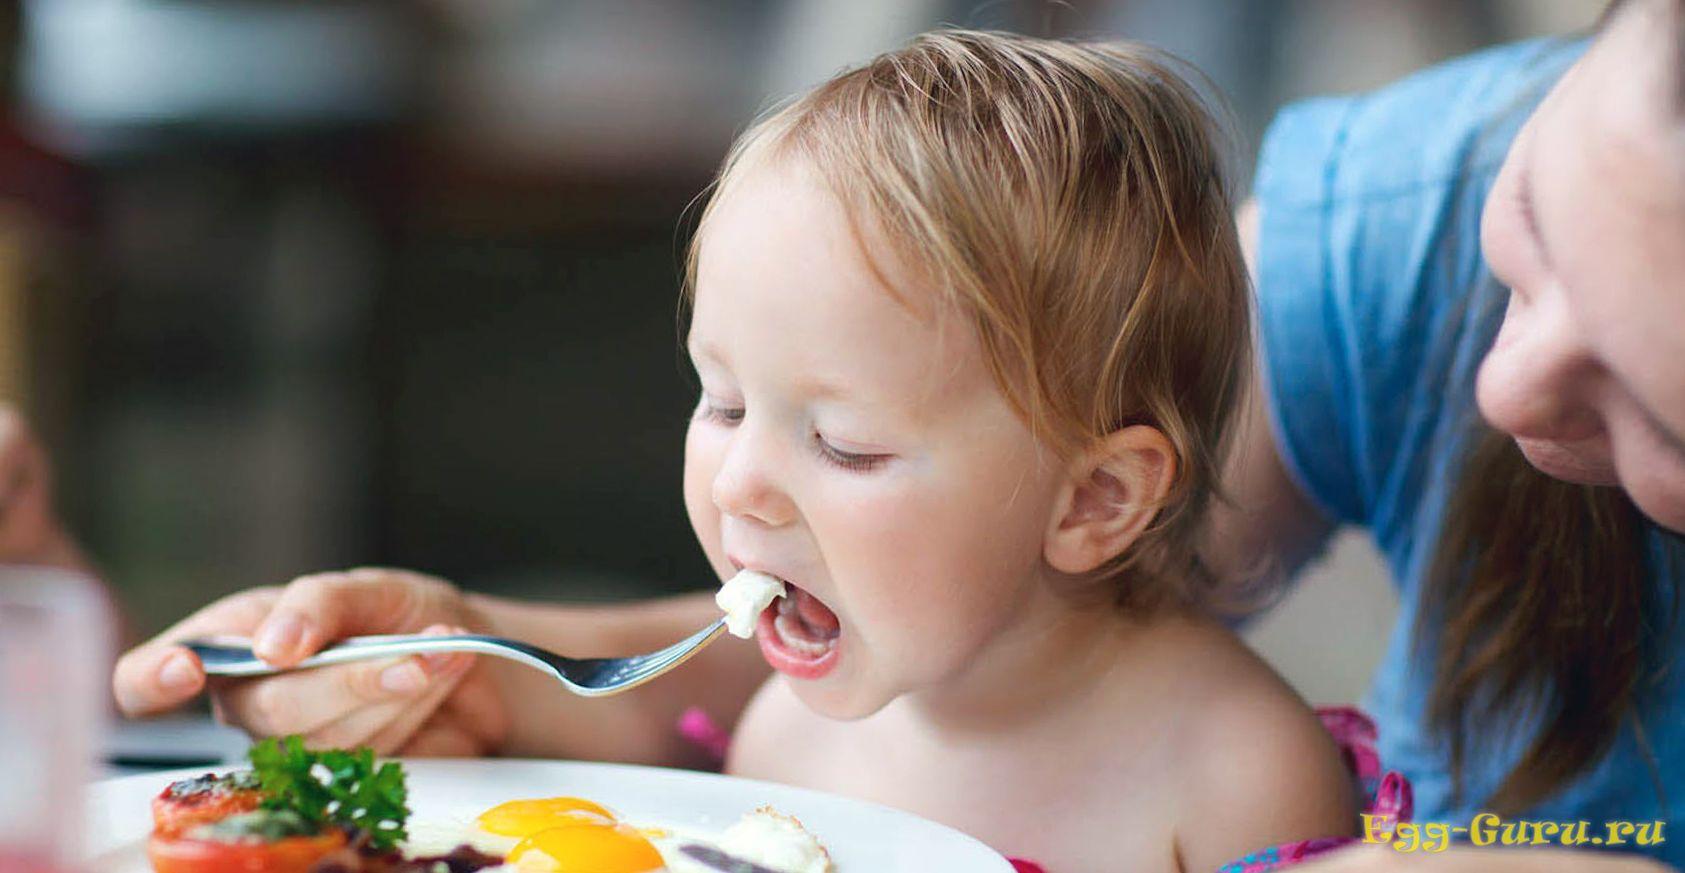 Яичные белок и желток — сильные аллергены